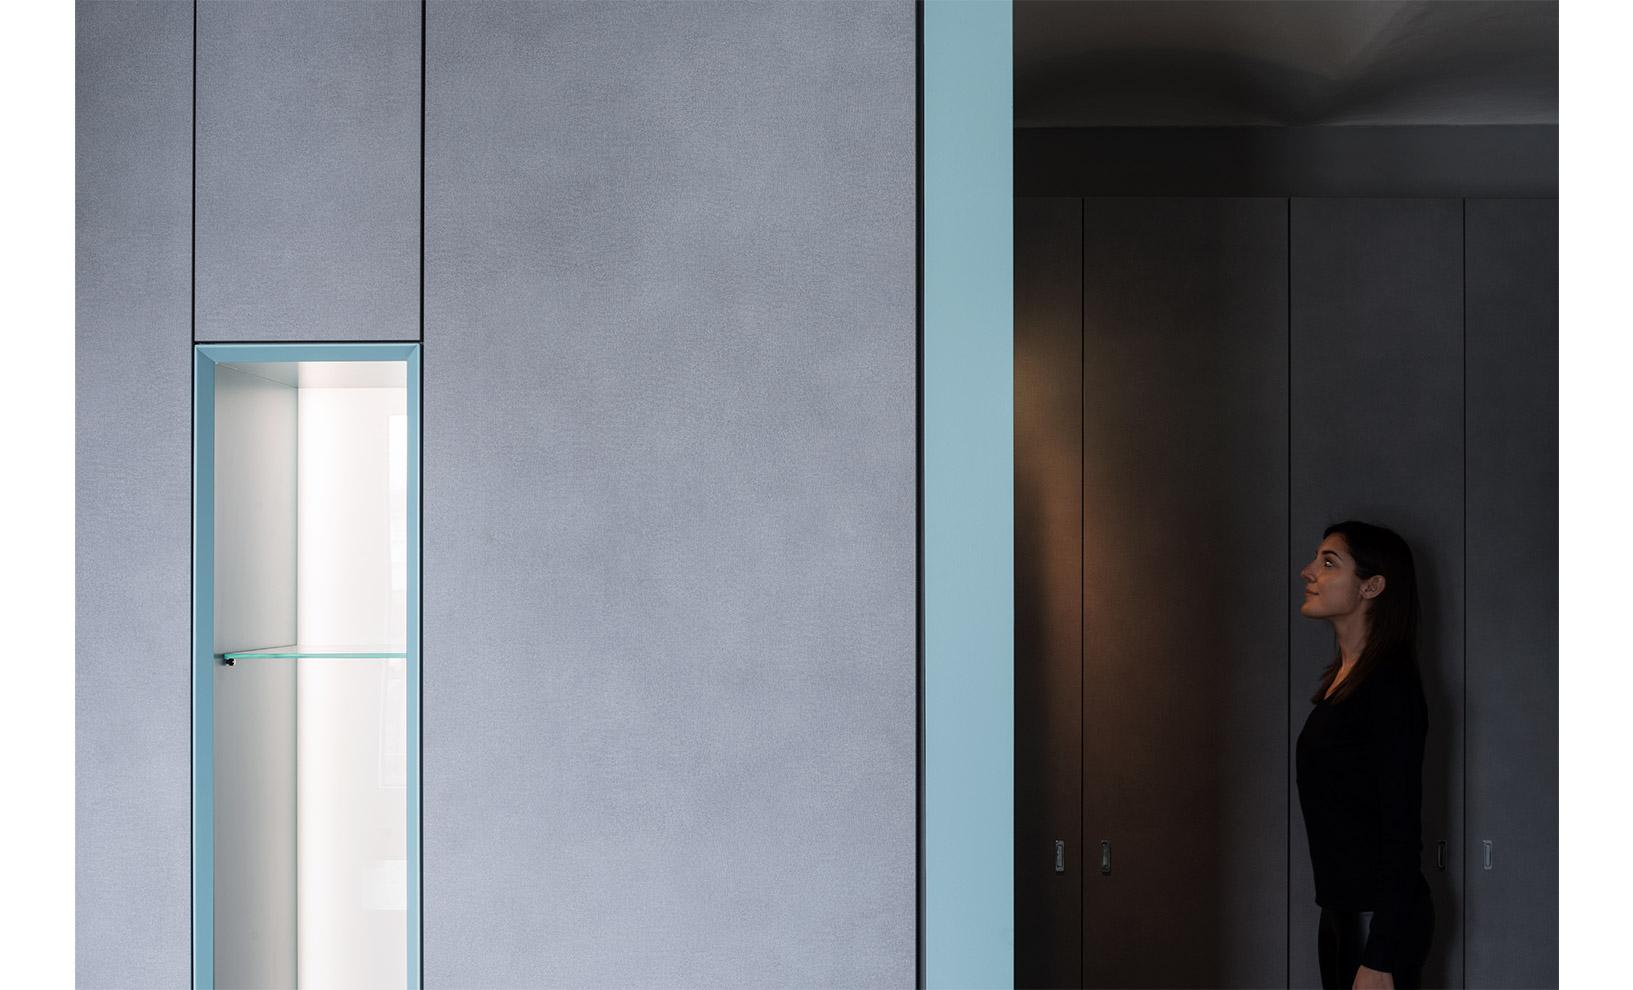 marco-tacchini-fotografo-architettura-antonio-perrone-villa-fc_03